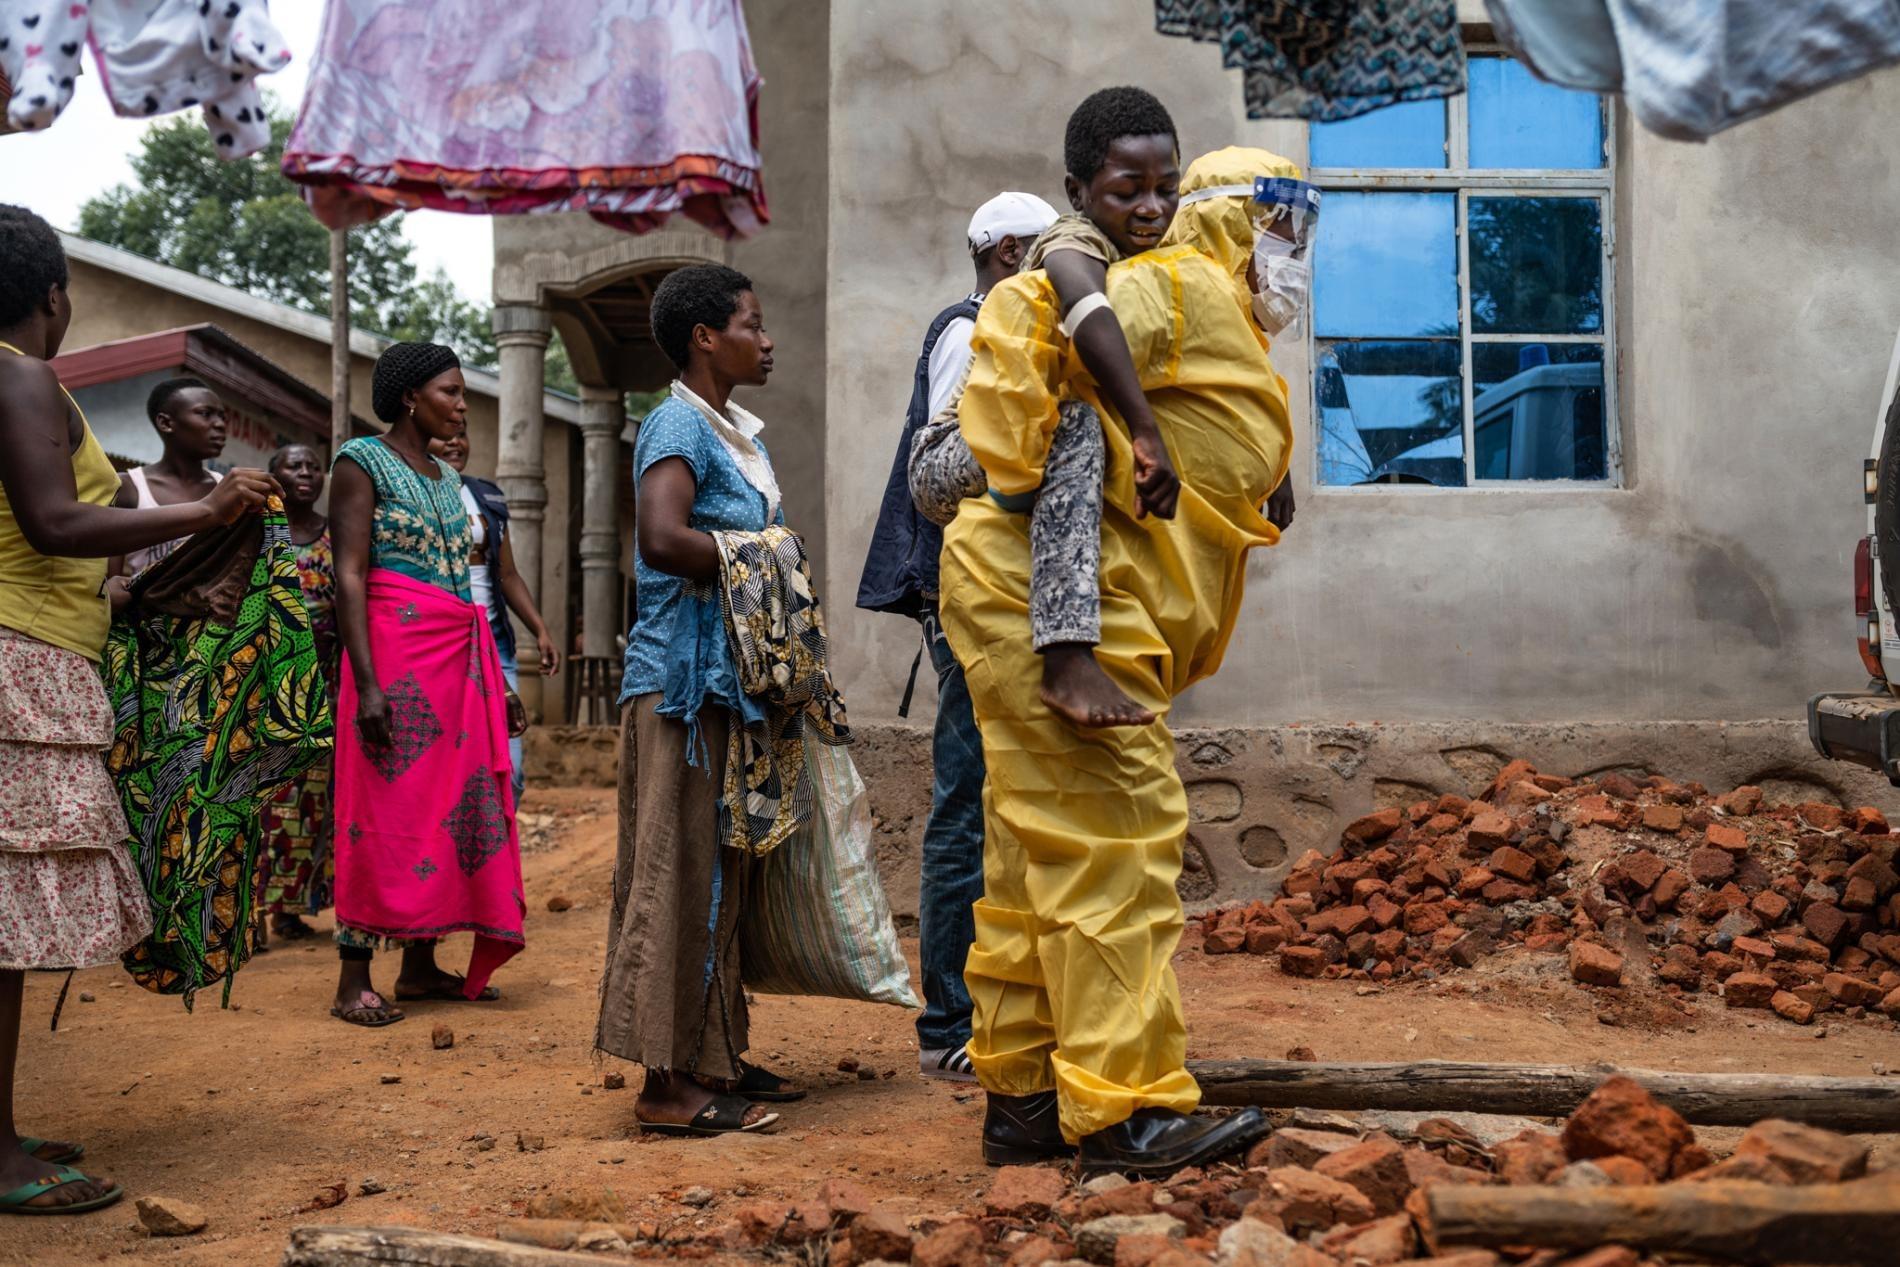 去年在貝尼,一名醫護人員揹著14歲的卡庫萊.卡文迪瓦(Kakule Kavendivwa)走向一輛停在路邊的救護車。卡庫萊的姊妹在前一天曾帶他去附近的衛生中心,但那裡的團隊鼓勵他們去治療中心時,他們就逃走了。衛生中心向找到那個家庭的世界衛生組織發出警報。跟社區醫療外展人員討論數小時後,他們允許一輛救護車送卡庫萊去治療。PHOTOGRAPH BY NICHOLE SOBECKI